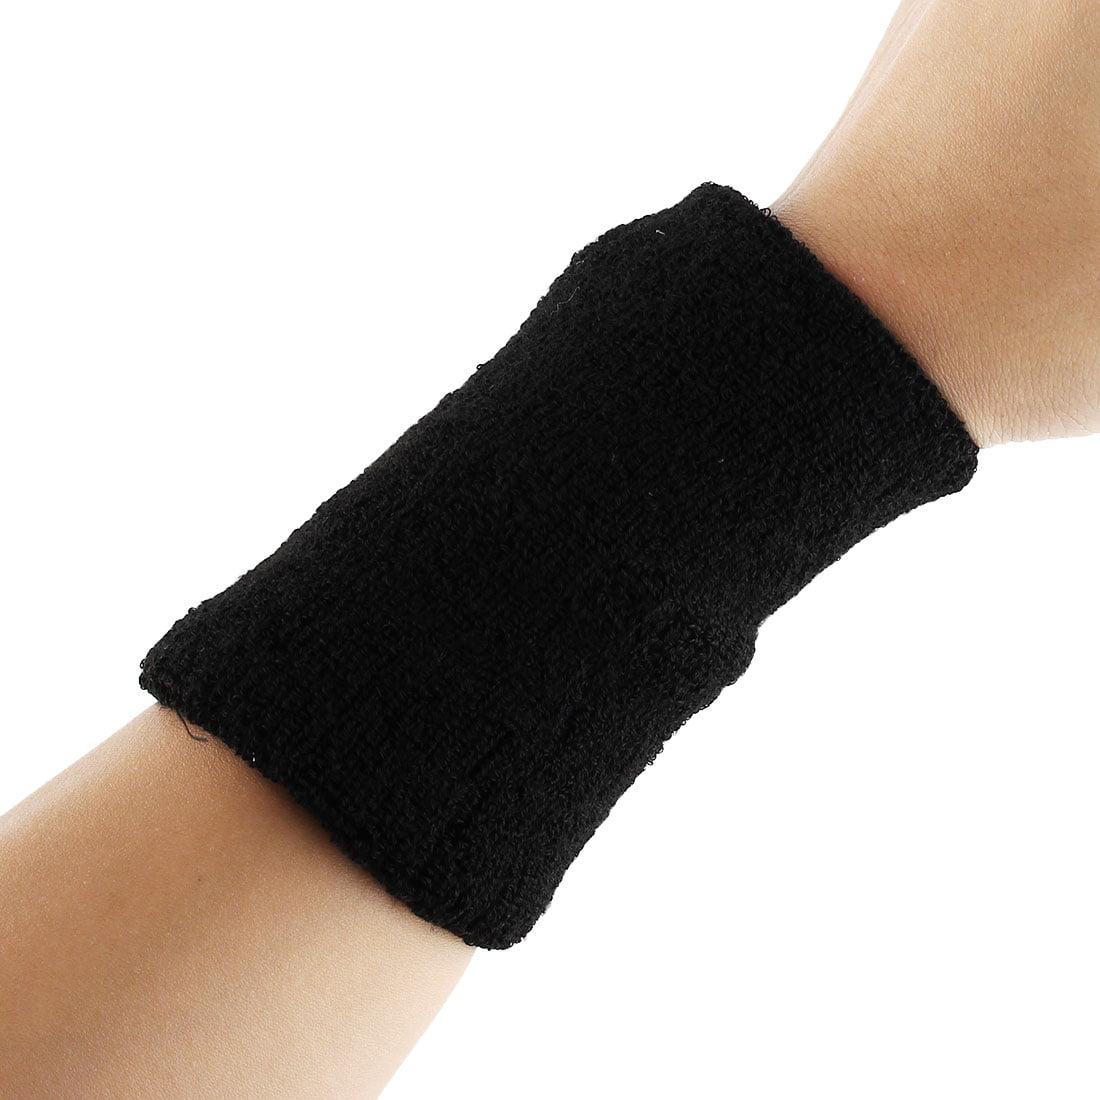 Basketball Gym Workout Sport Wrist Support Sweatband Wristband Black 2pcs